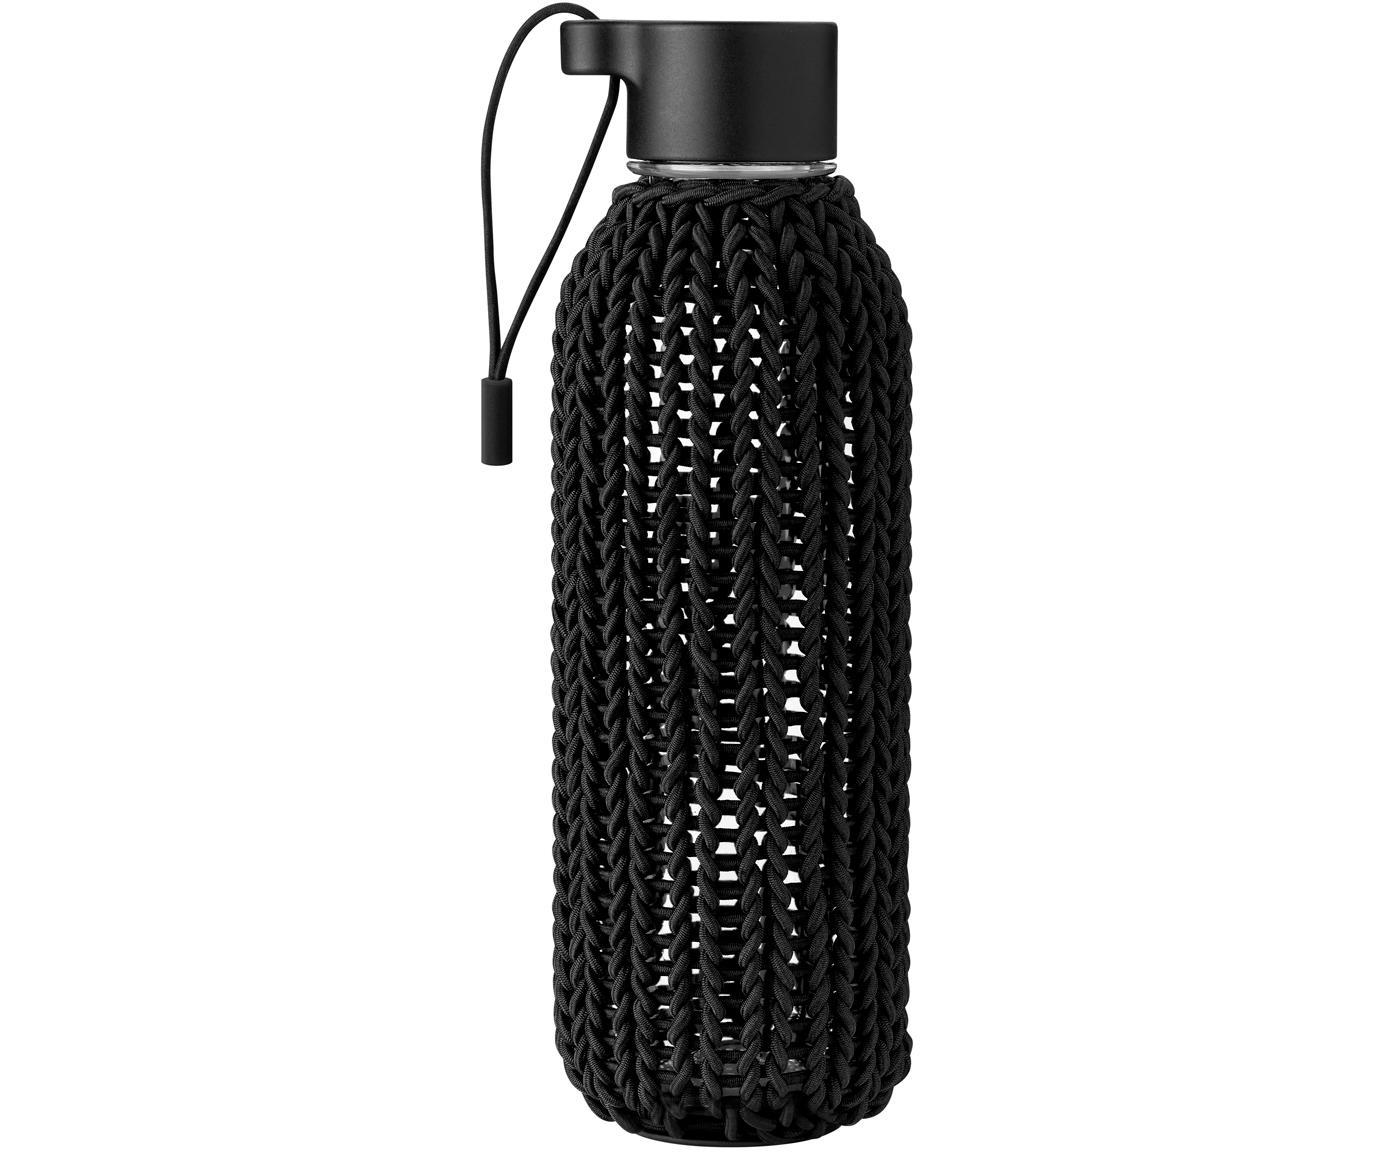 Trinkflasche Catch-It, Flasche: Tritan, Polypropylen, Hülle: Nylonbeschichtete Gummisc, Schwarz, Transparent, 600 ml